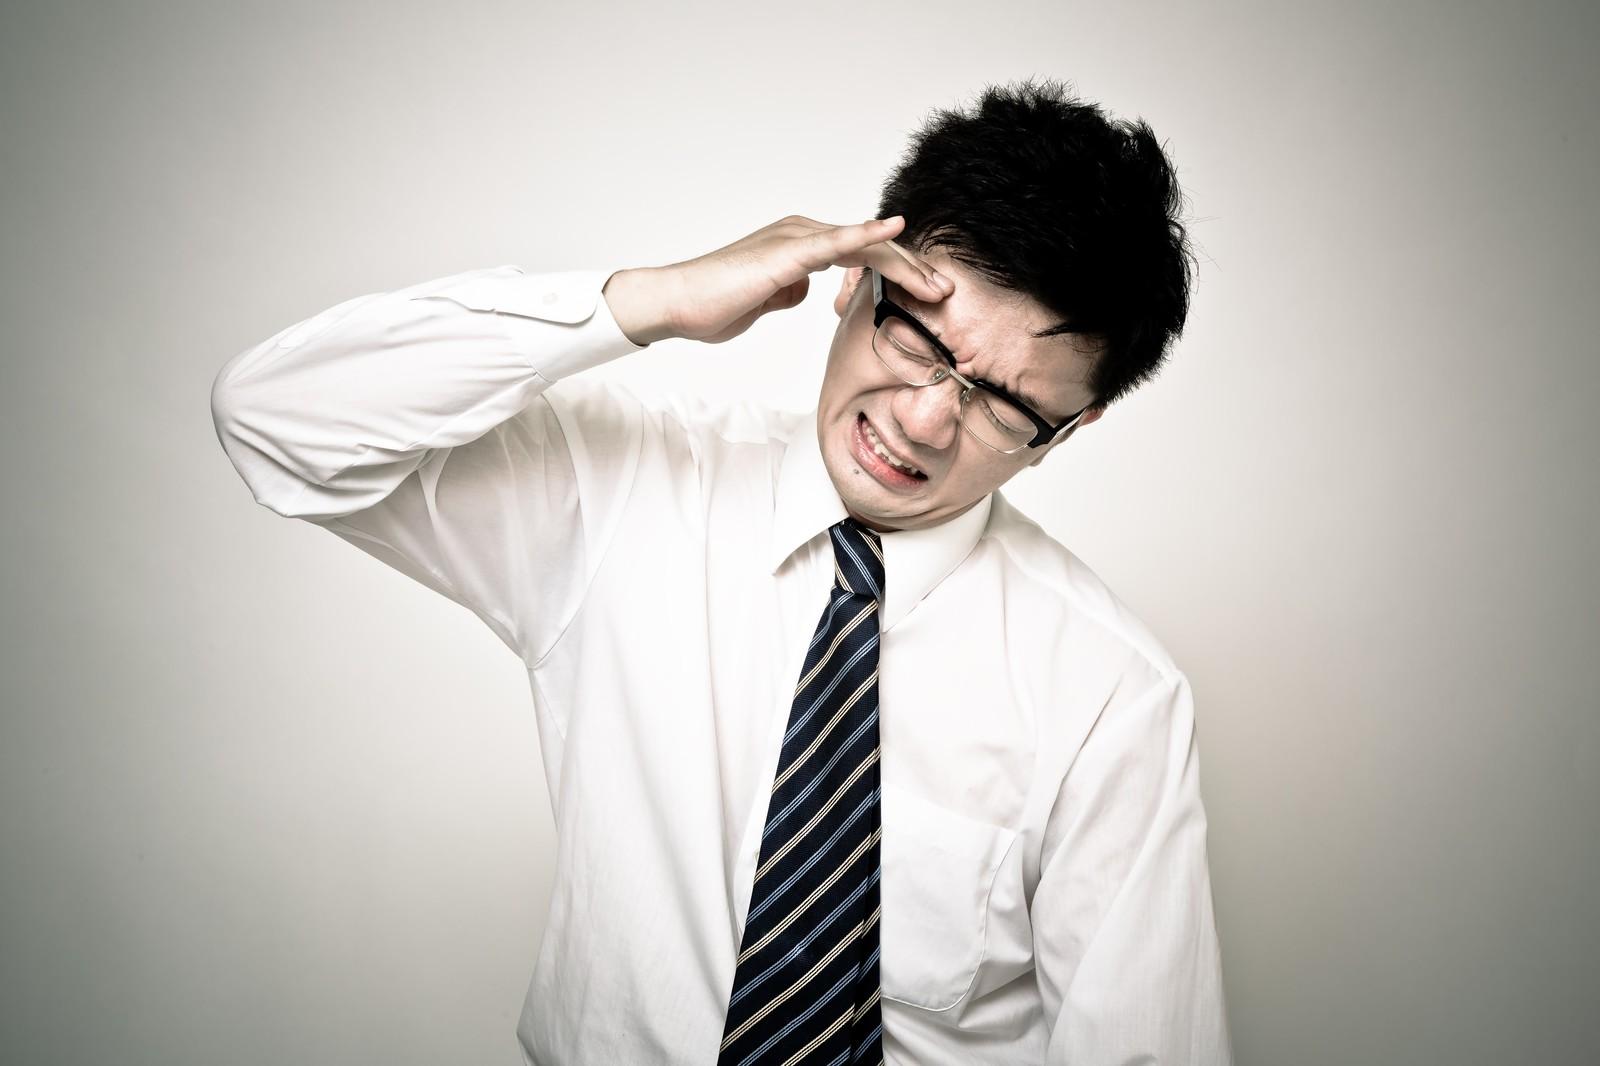 【緊張性頭痛】薬に頼らずカイロプラクティックで改善!